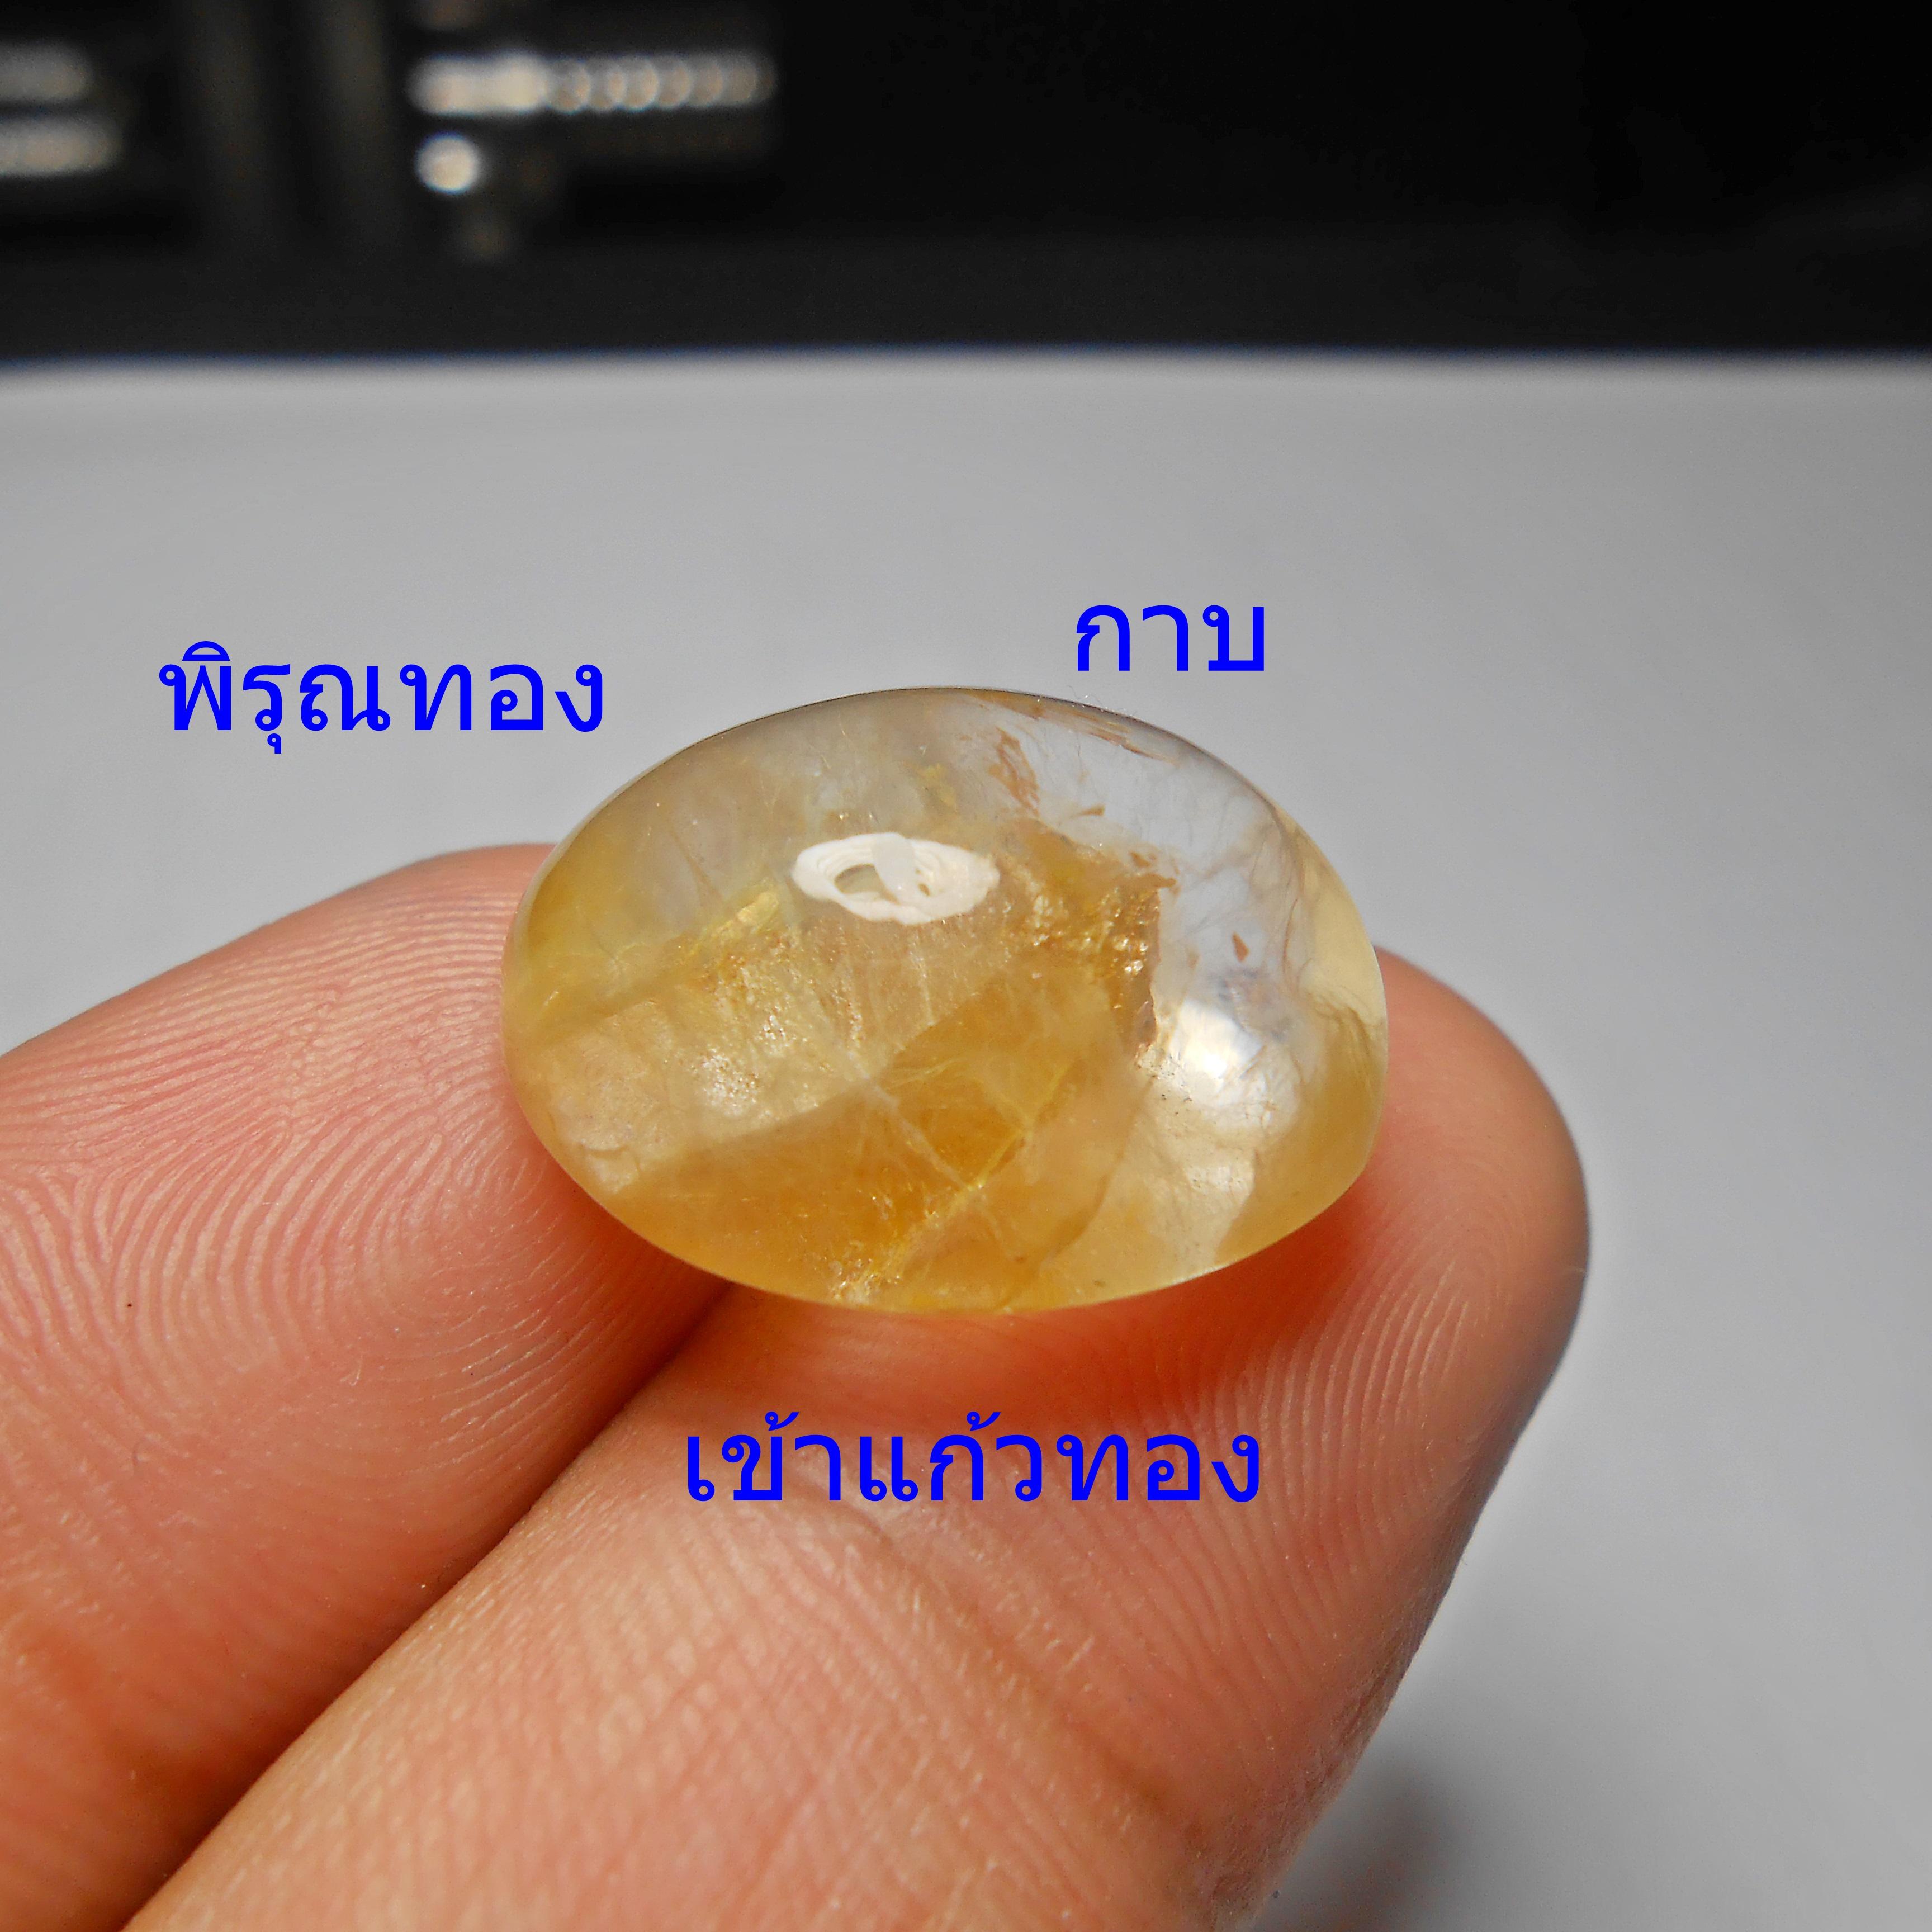 หายาก แก้วสามกษัตริย์ เข้าแก้วสีทอง+พิรุณทอง+กาบ ขนาด 2.2*1.8 cm ทำแหวน หรือ จี้ งามๆ